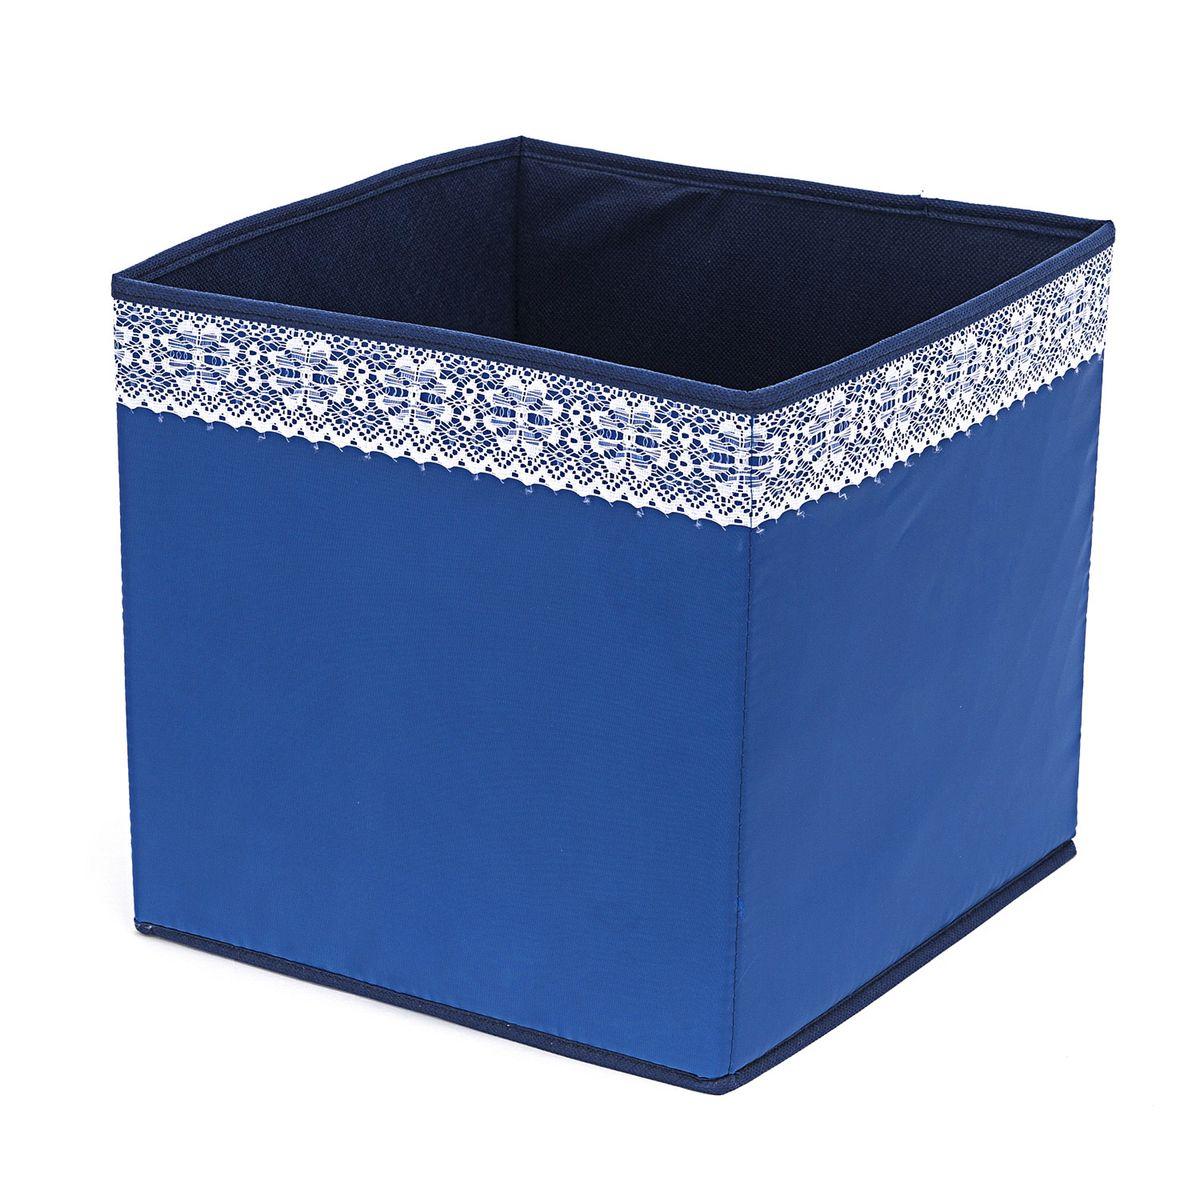 Кофр для хранения Homsu Winter, 27 х 27 х 27 смHOM-311Кофр для хранения Homsu Winter изготовлен из высококачественного нетканого полотна и декорирован вставкой из кружева. Кофр имеет одно большое отделение, где вы можете хранить различные бытовые вещи, нижнее белье, одежду и многое другое. Вставки из картона обеспечивают прочность конструкции. Стильный принт, модный цвет и качество исполнения сделают такой кофр незаменимым для хранения ваших вещей.